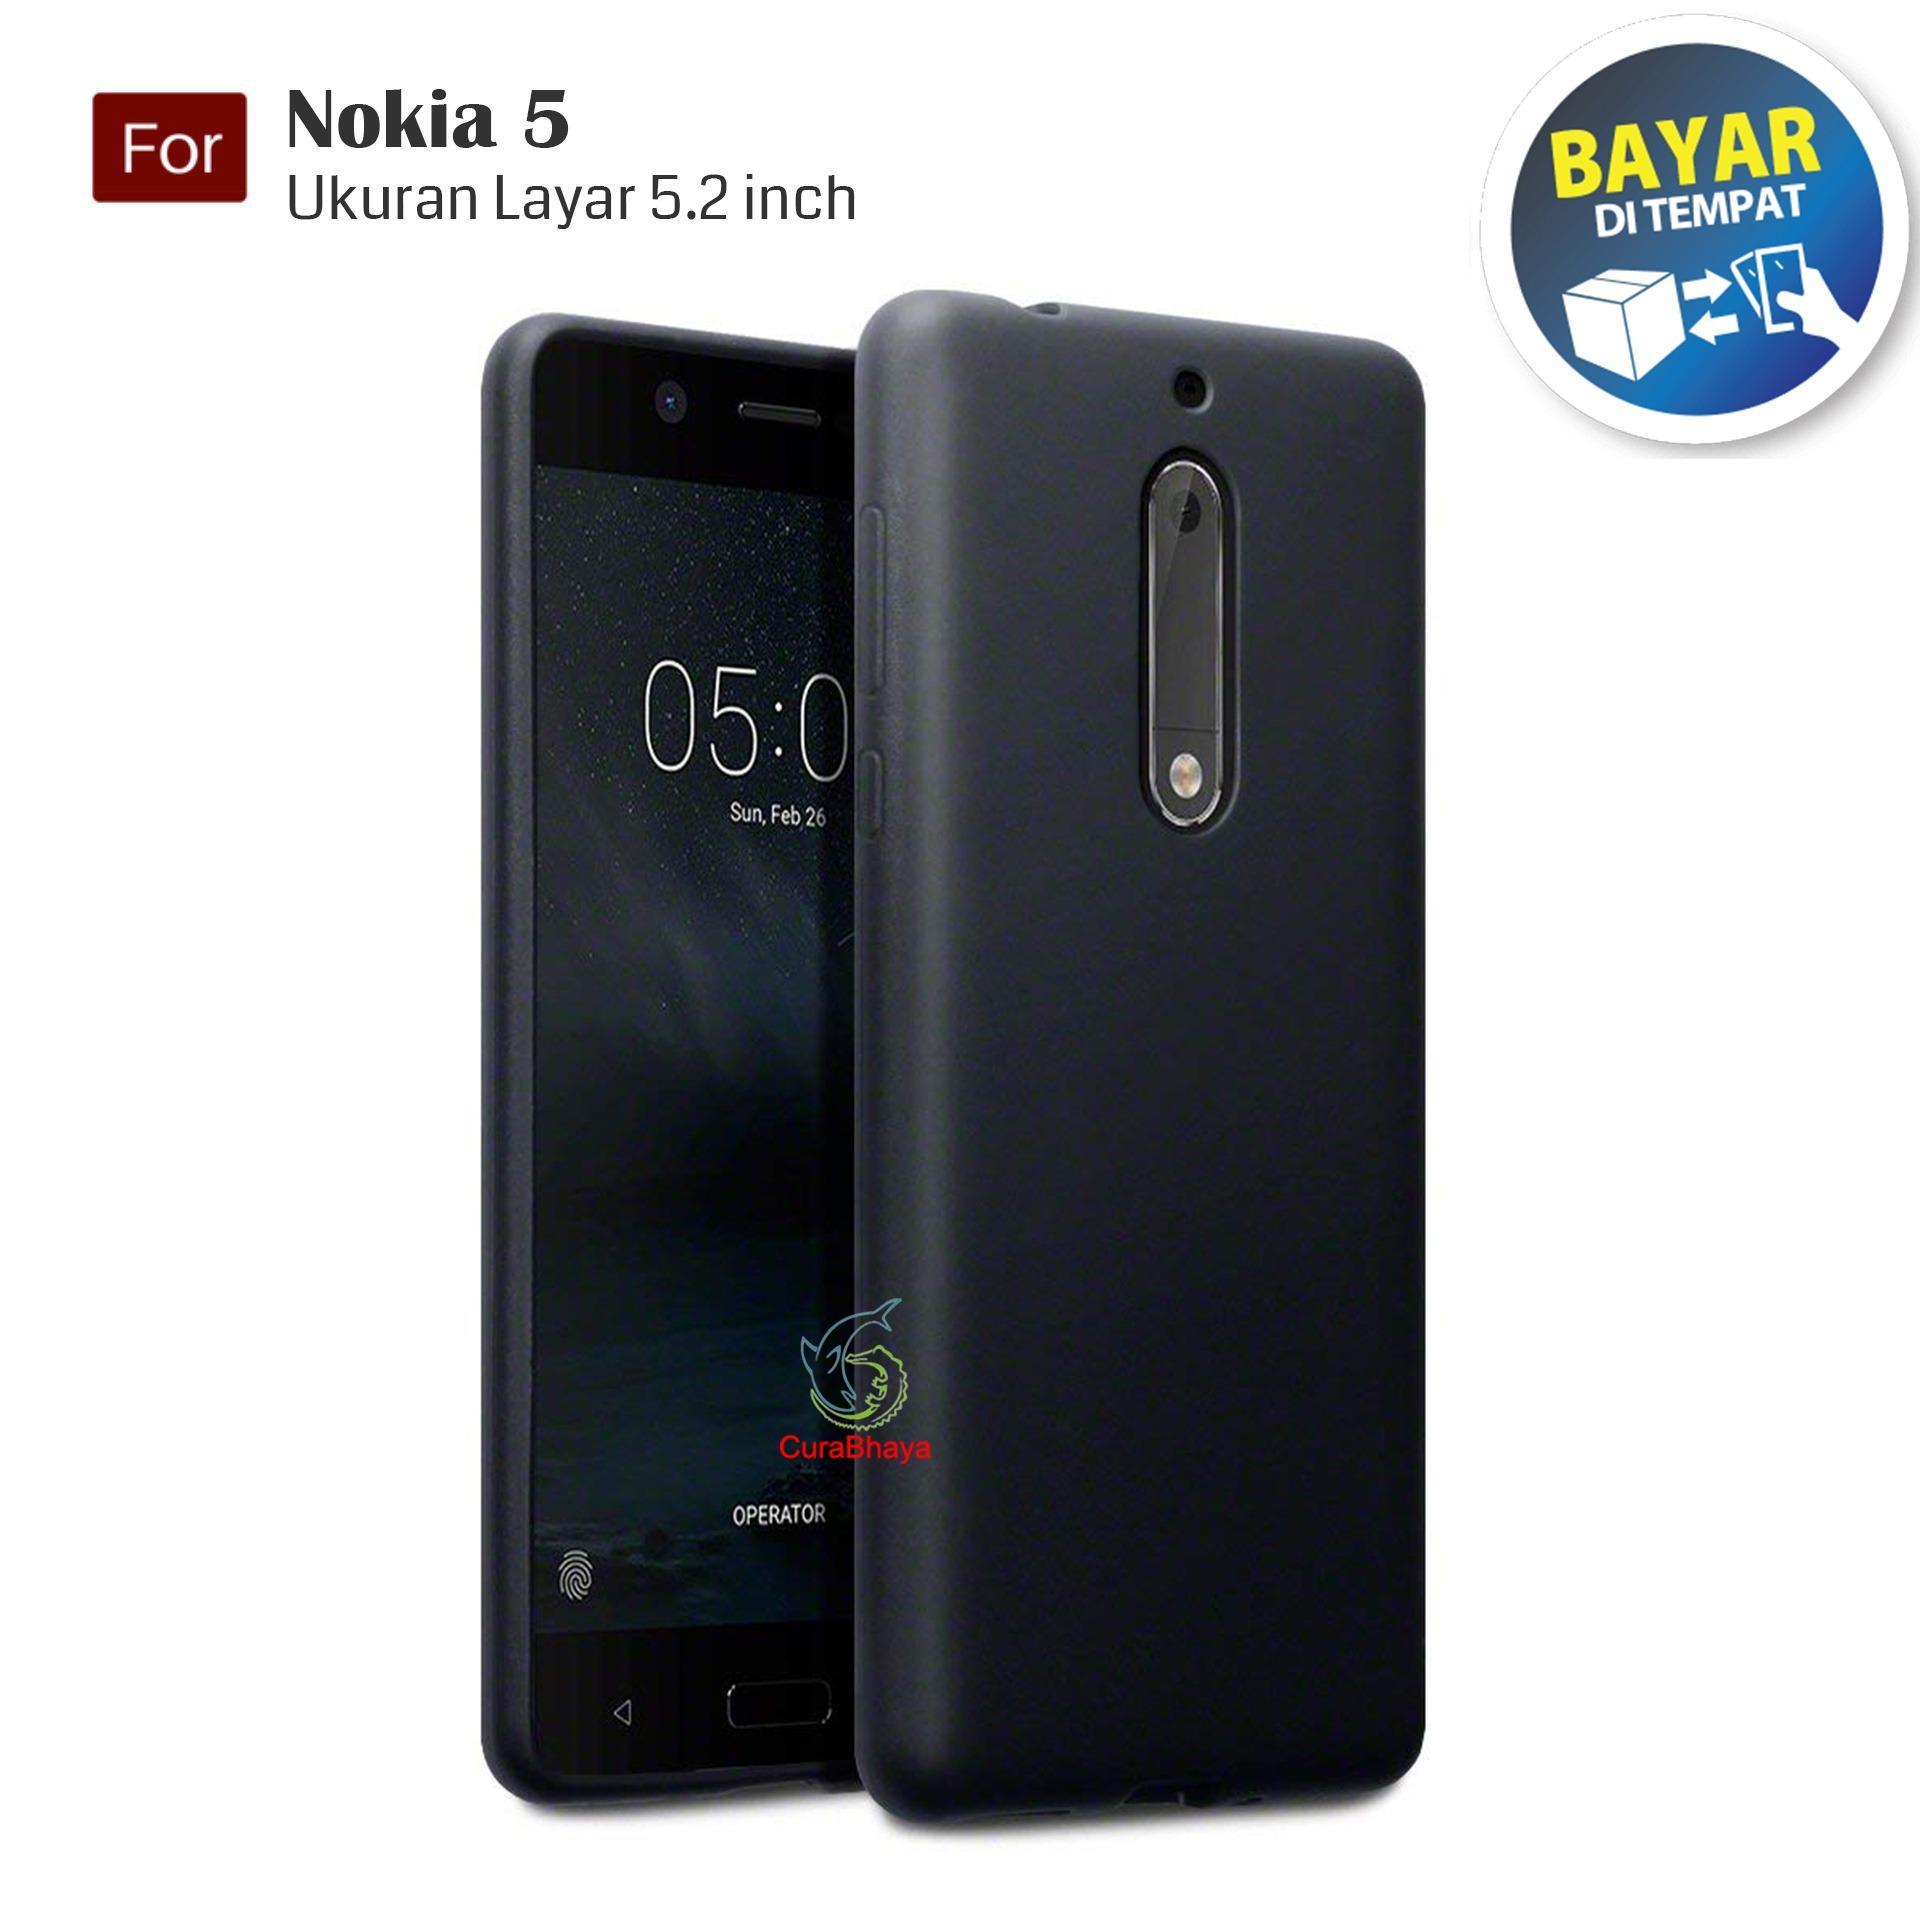 MidNight Nokia 5 | Slim Case Black Matte Softcase Premium Baby Skin - Hitam